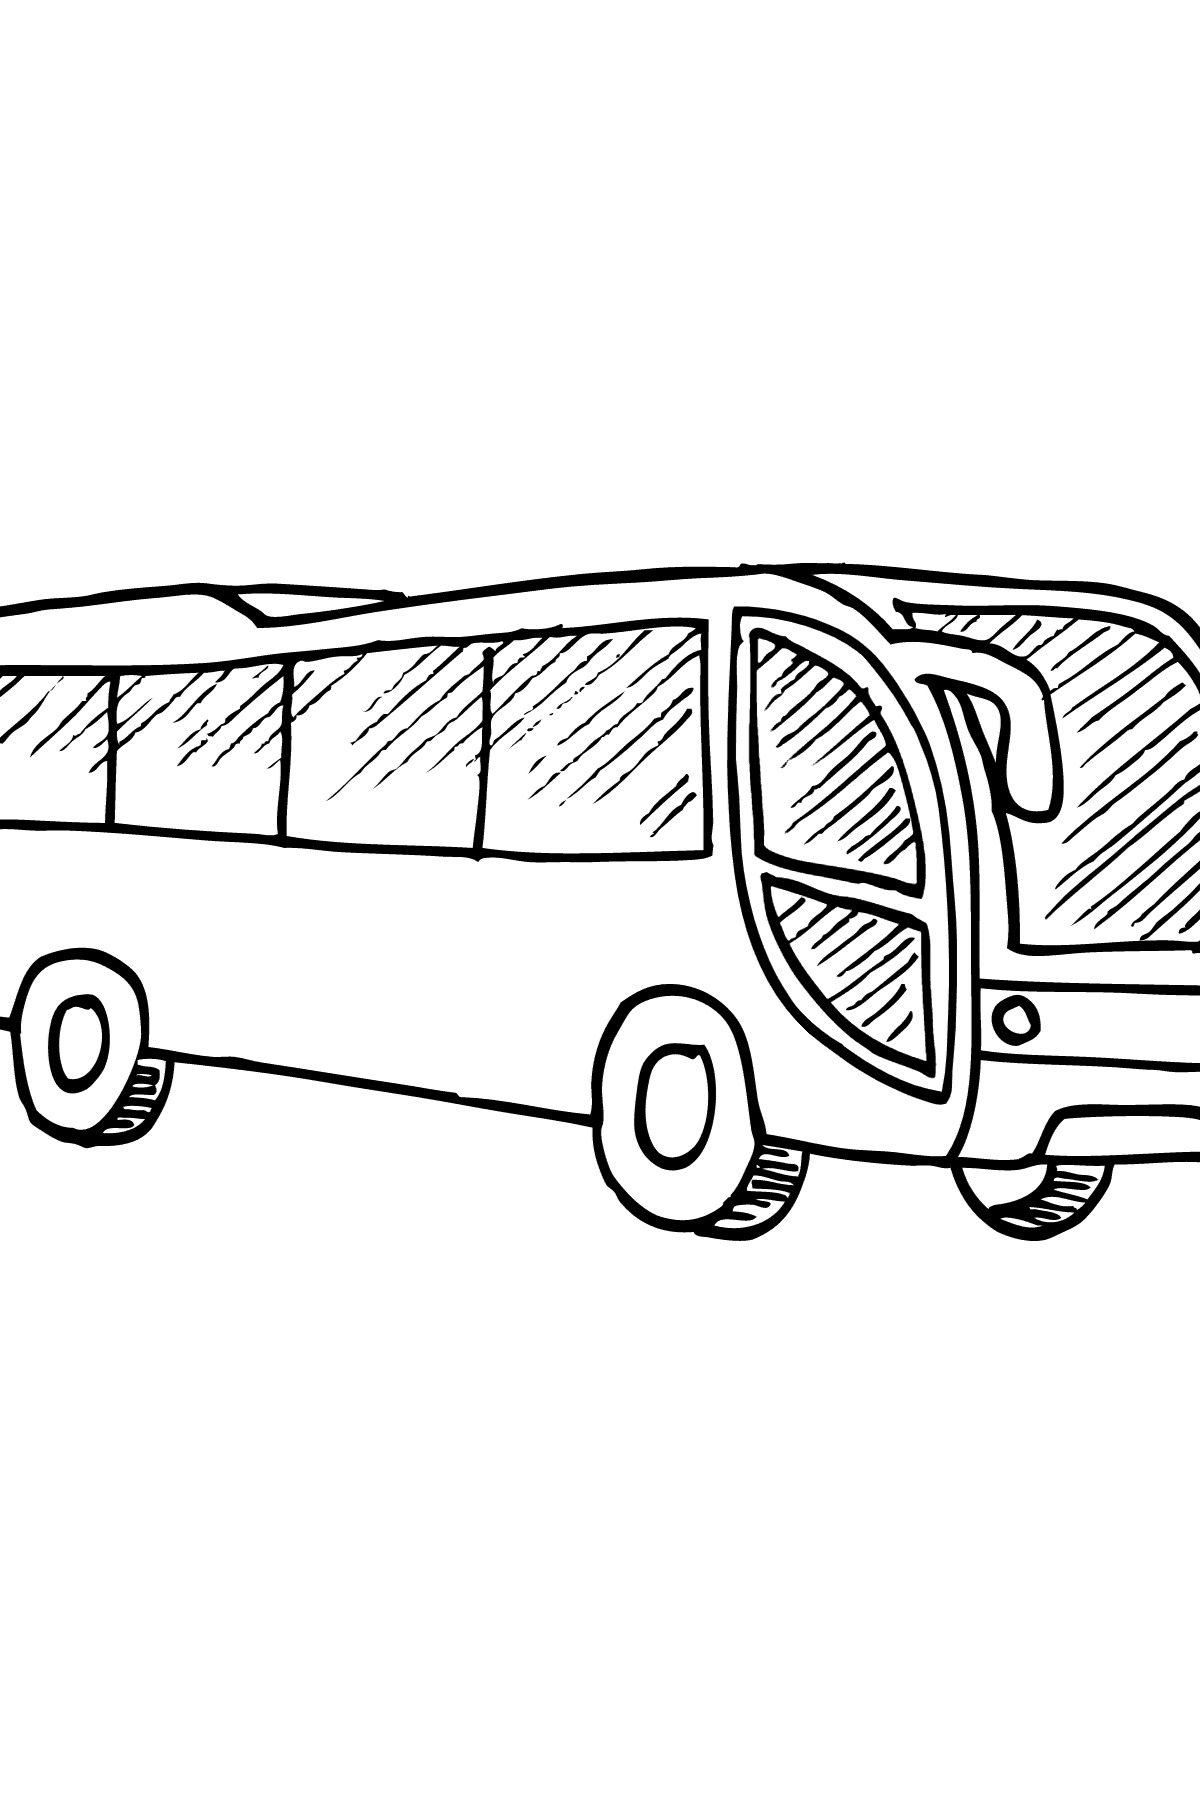 Раскраска Автобус - Картинки для Детей